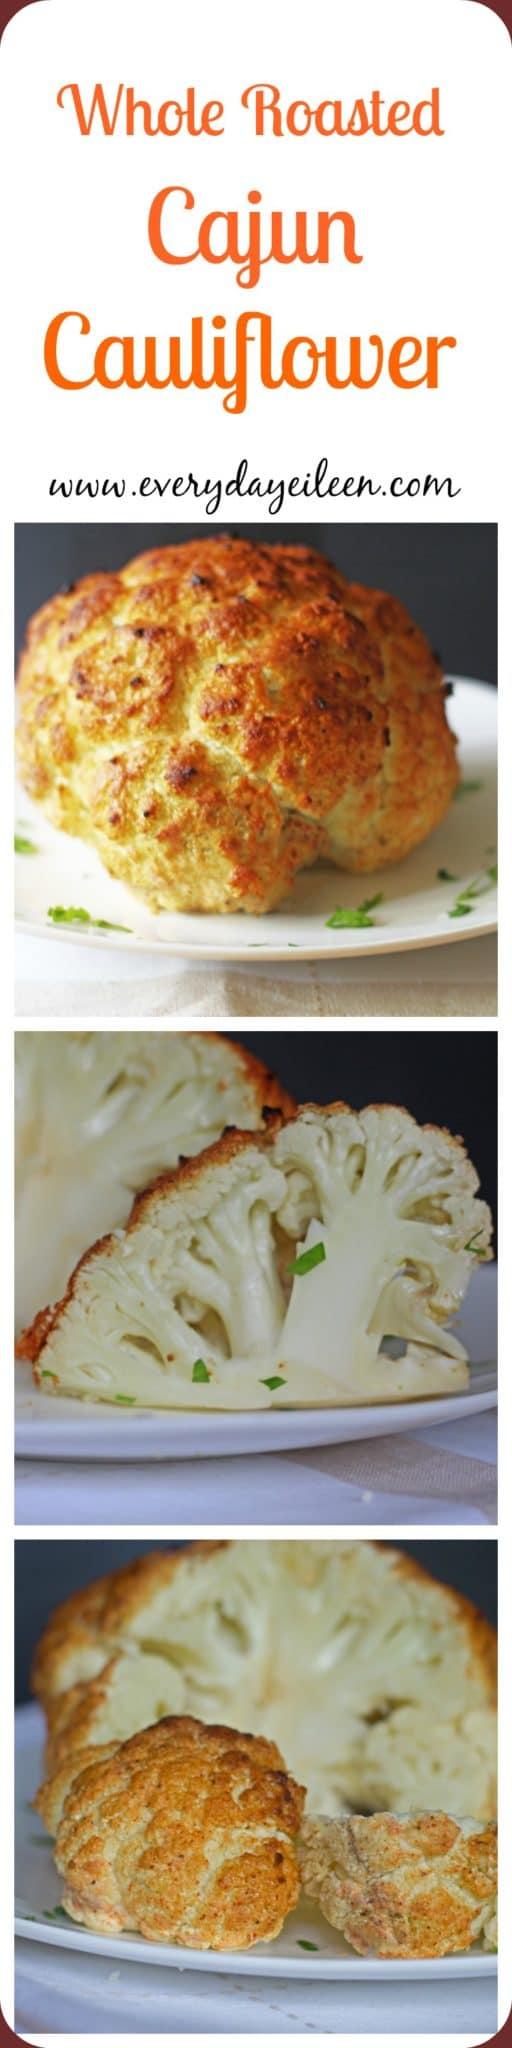 whole roasted cajun cauliflower